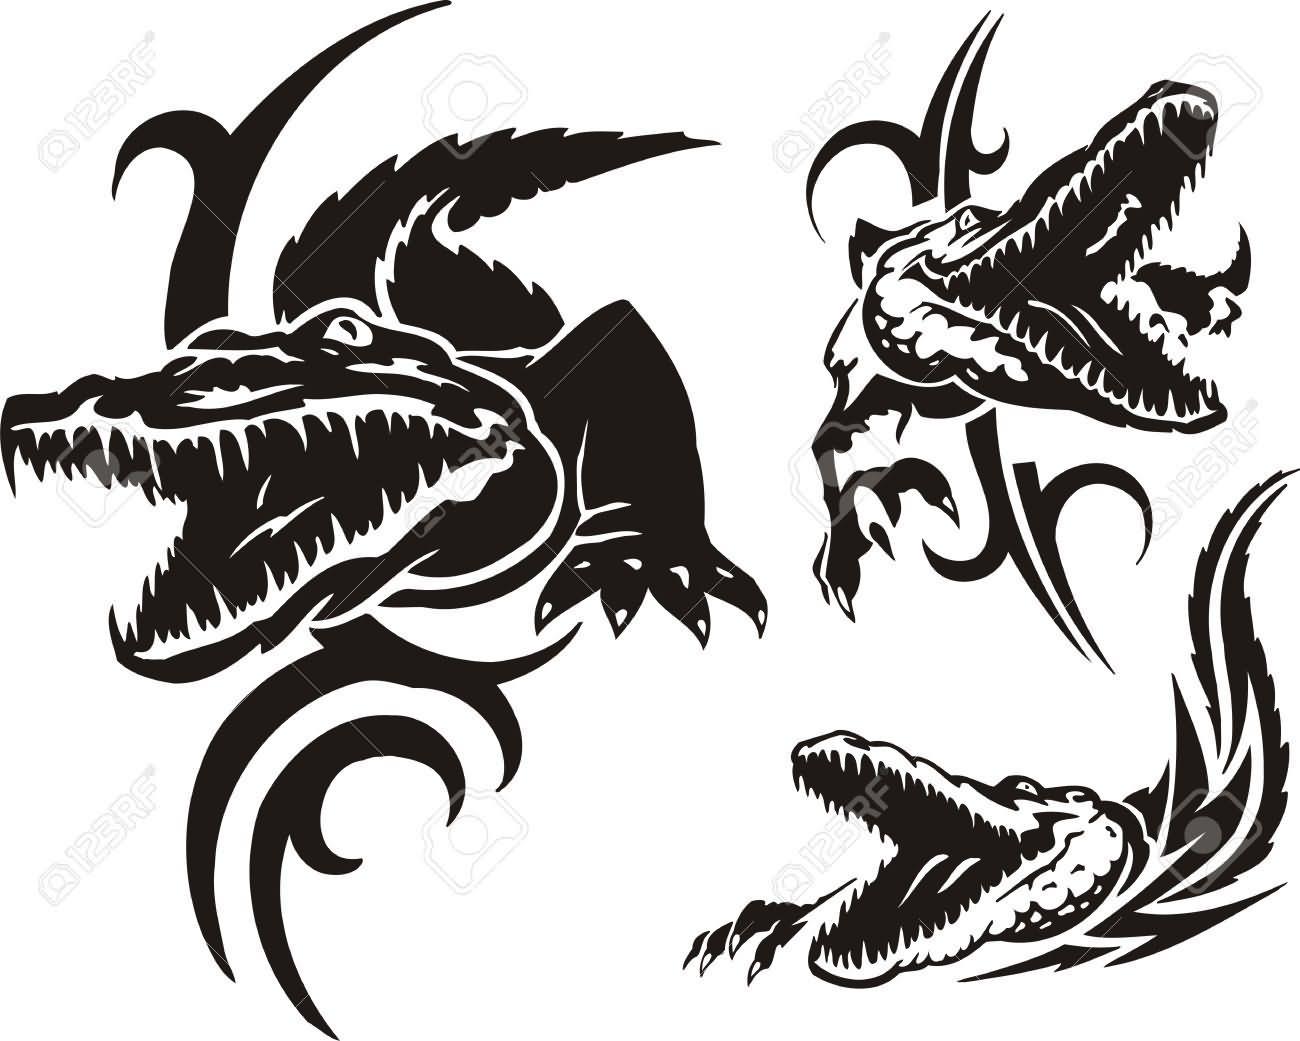 0c023ba7ece49 Mind Blowing Black Three Alligator Head Tattoo Design